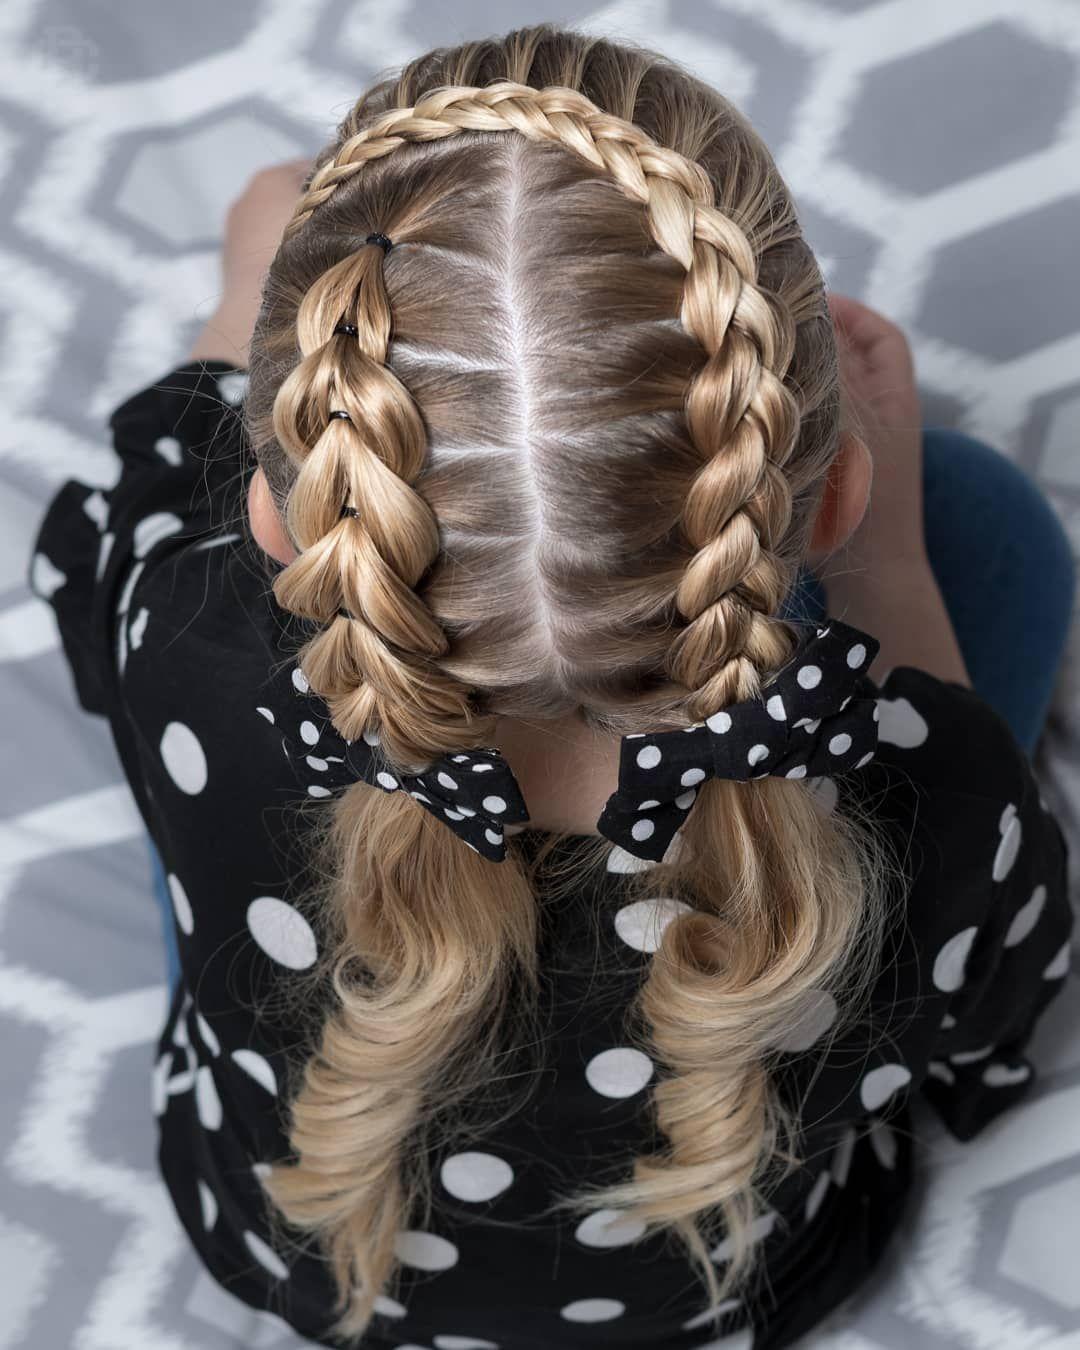 токарный станок картинки красивого плетения волос будущего